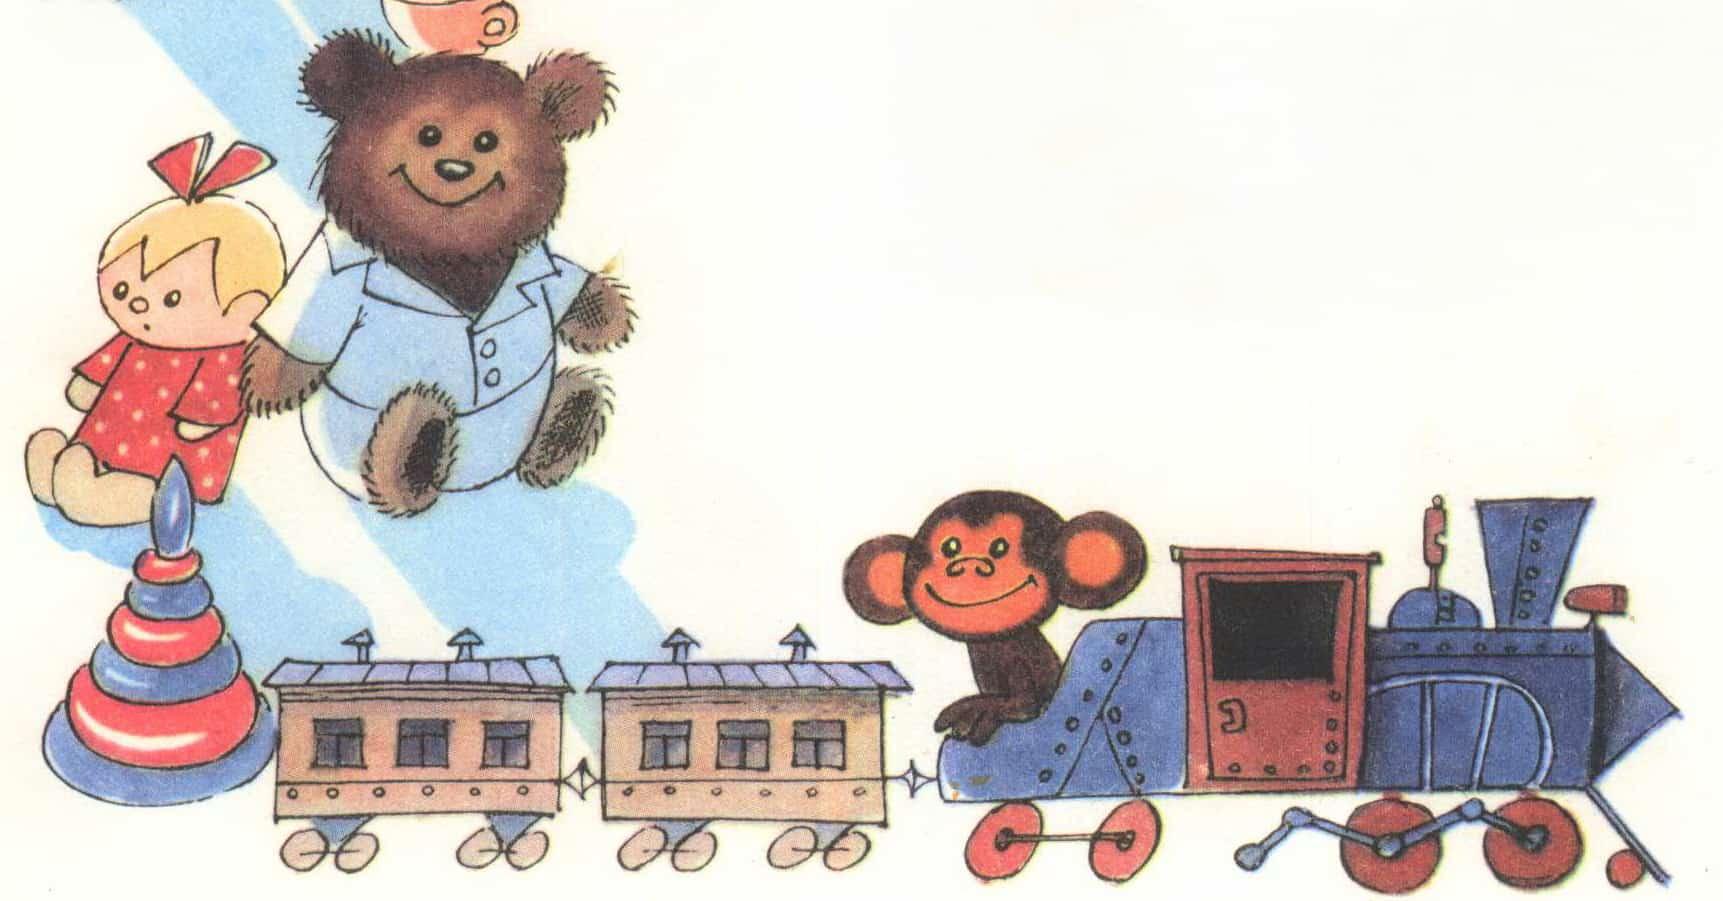 Рисунок детских игрушек